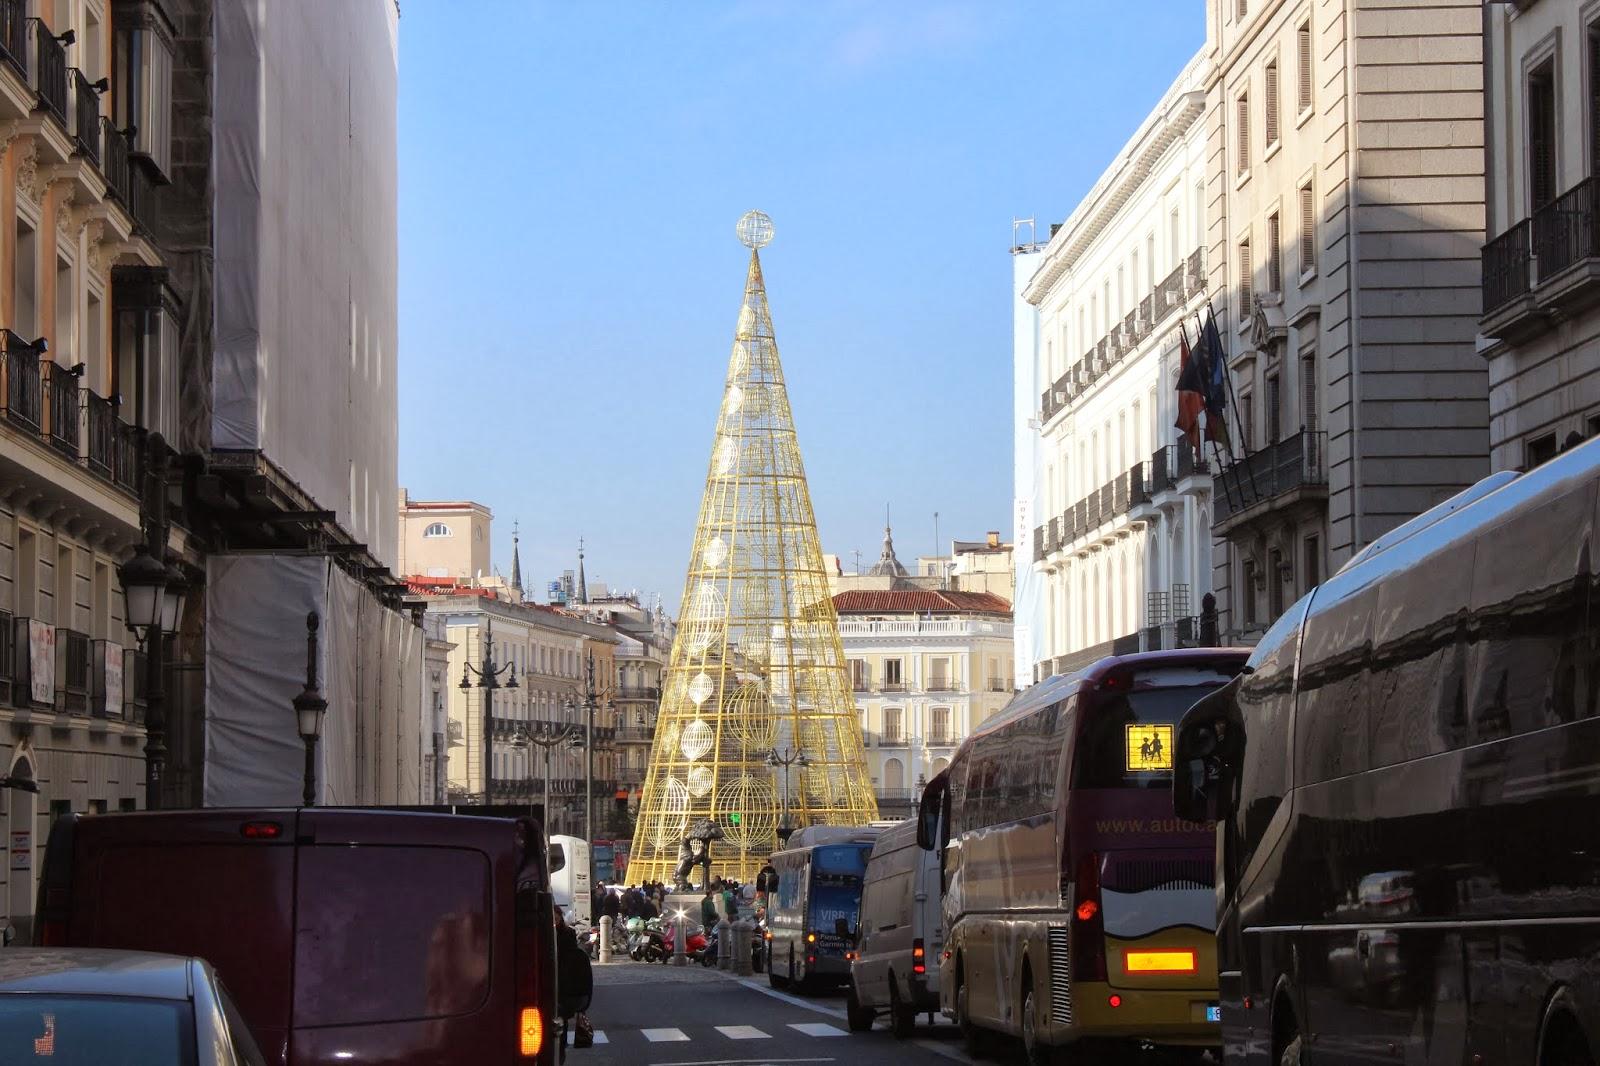 Madrid villa y corte madrid puerta del sol for Corte ingles puerta del sol madrid